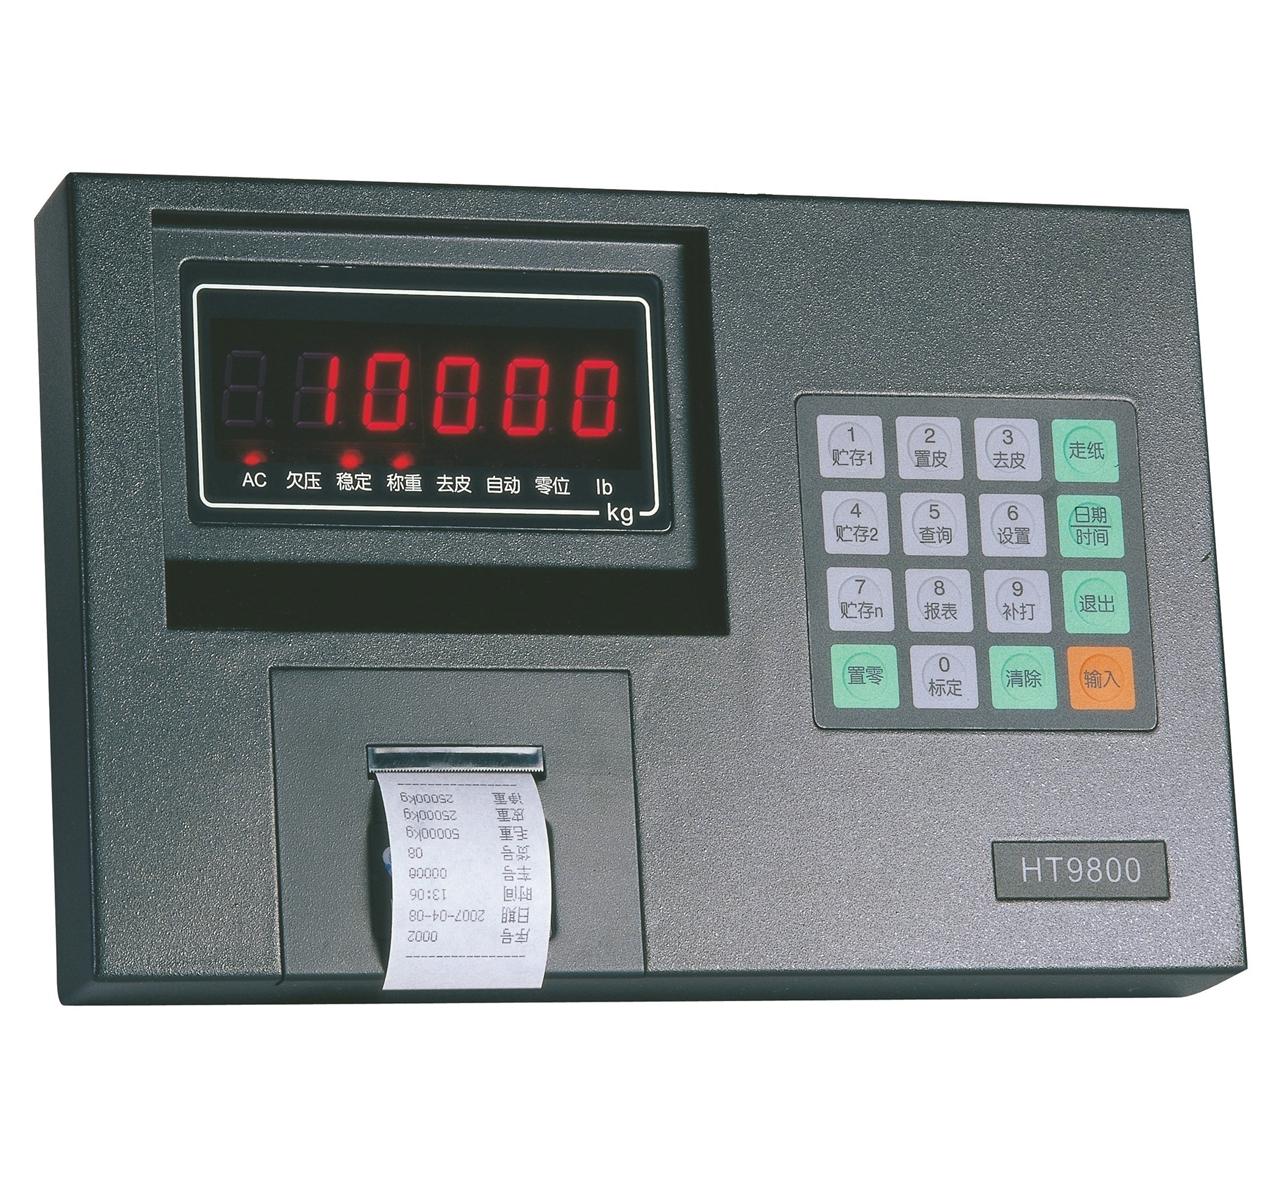 HT9800-HD7P